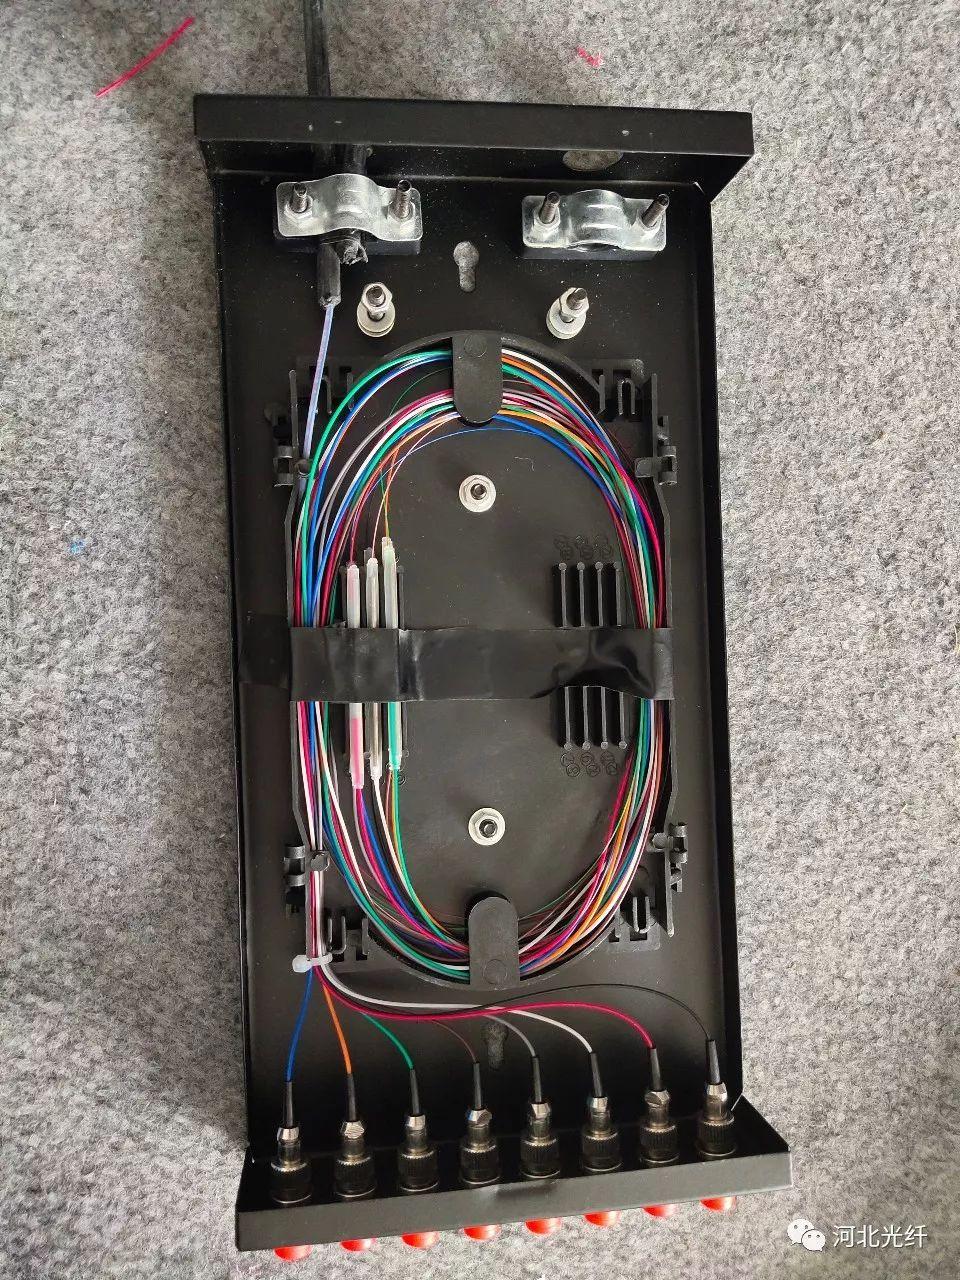 四芯光纤接头接法图解